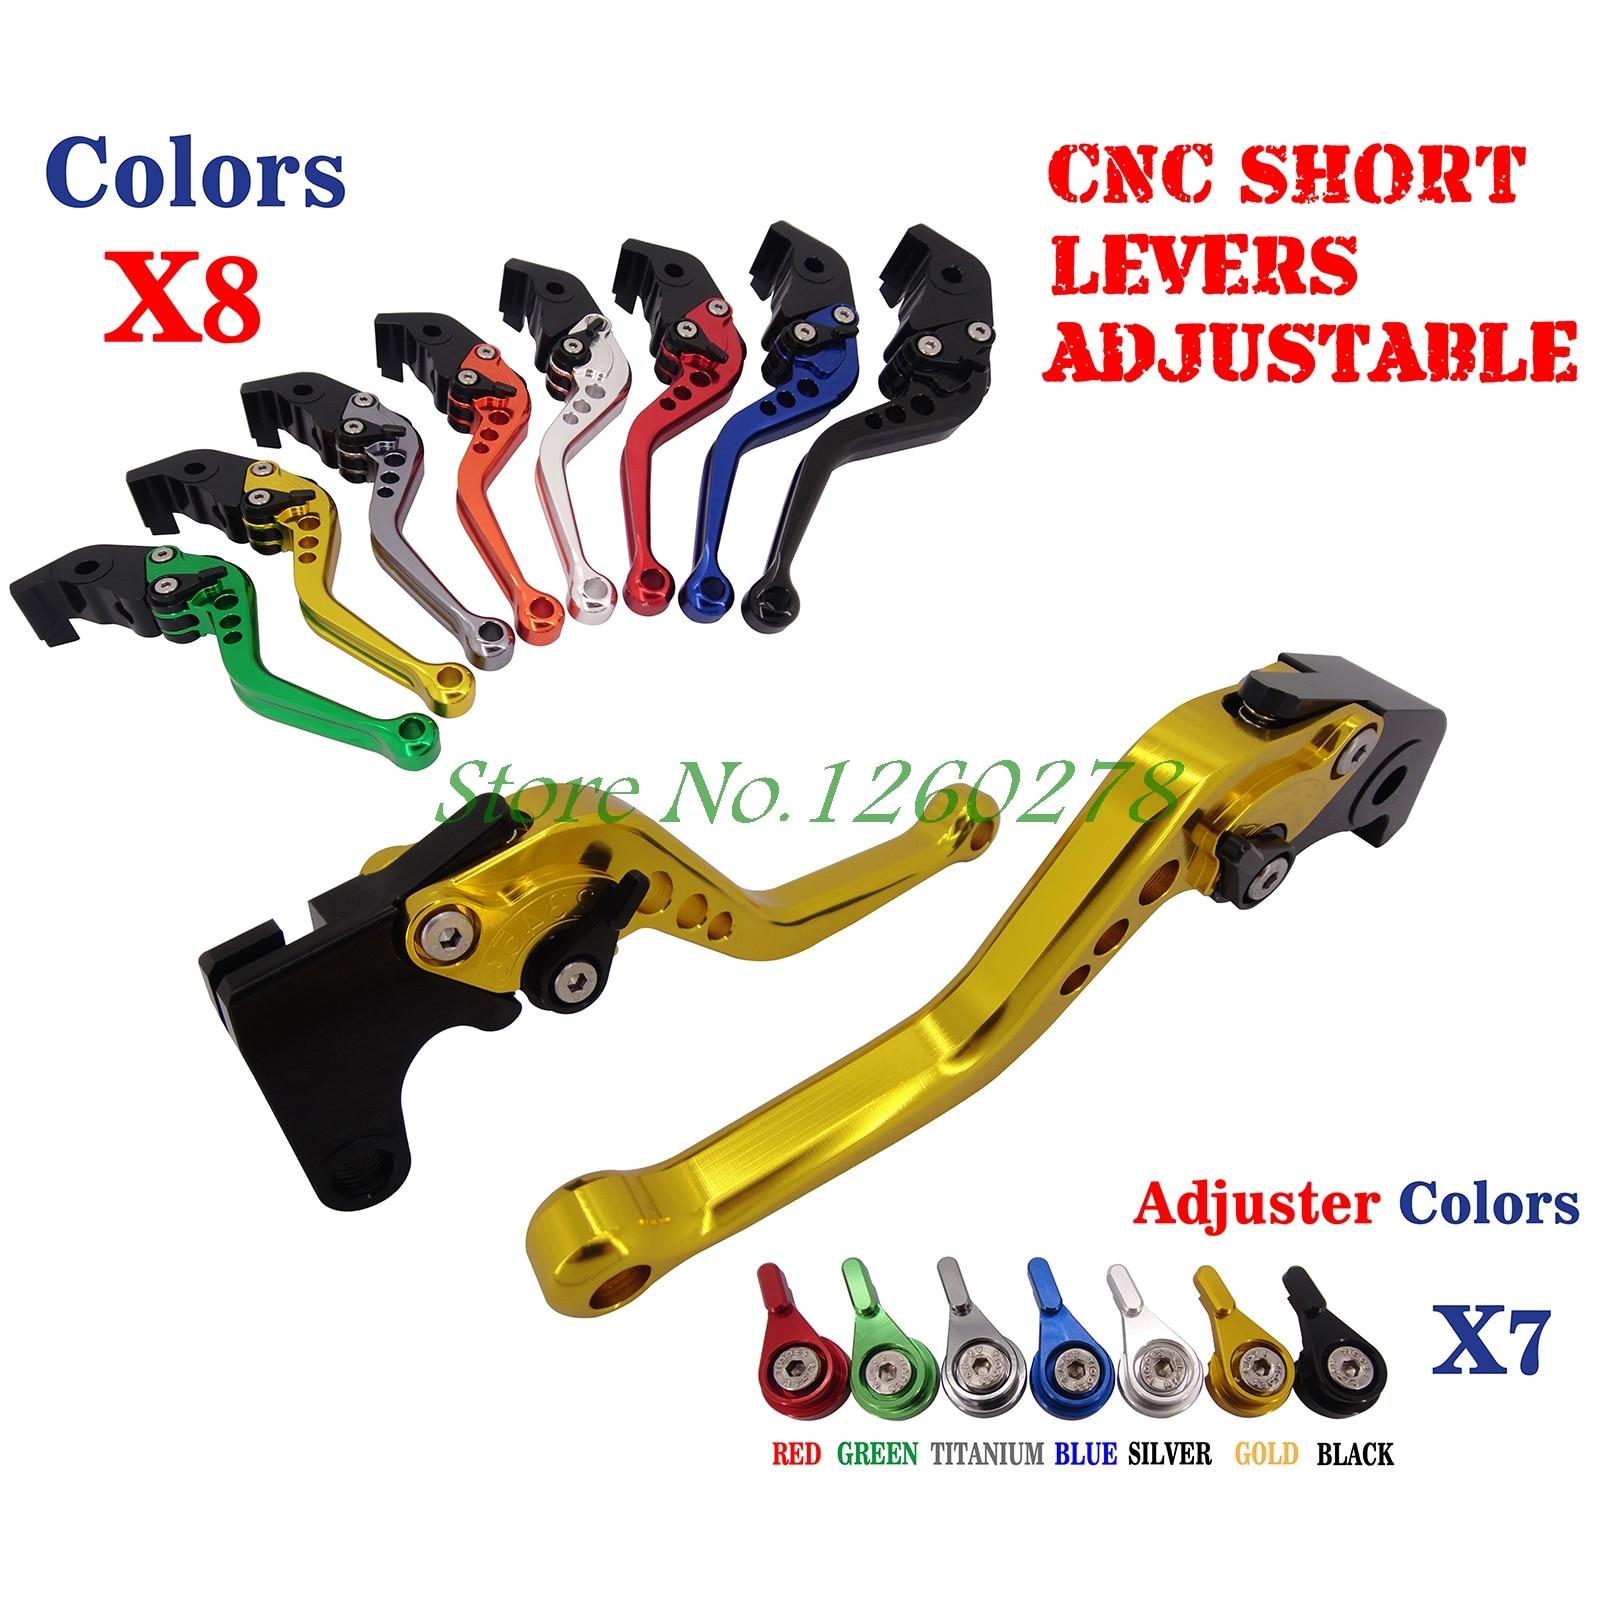 Short Adjustable Brake Clutch Levers For Suzuki SV1000/S TL/DL1000 GSX650F GSF650/S Bandit GSX1250F GSX1400 GSX1300R Hayabusa adjustable long folding clutch brake levers for suzuki gsx 650 f gsx650f 08 09 10 11 12 13 14 15 2014 gsf 650 bandit n s 2015